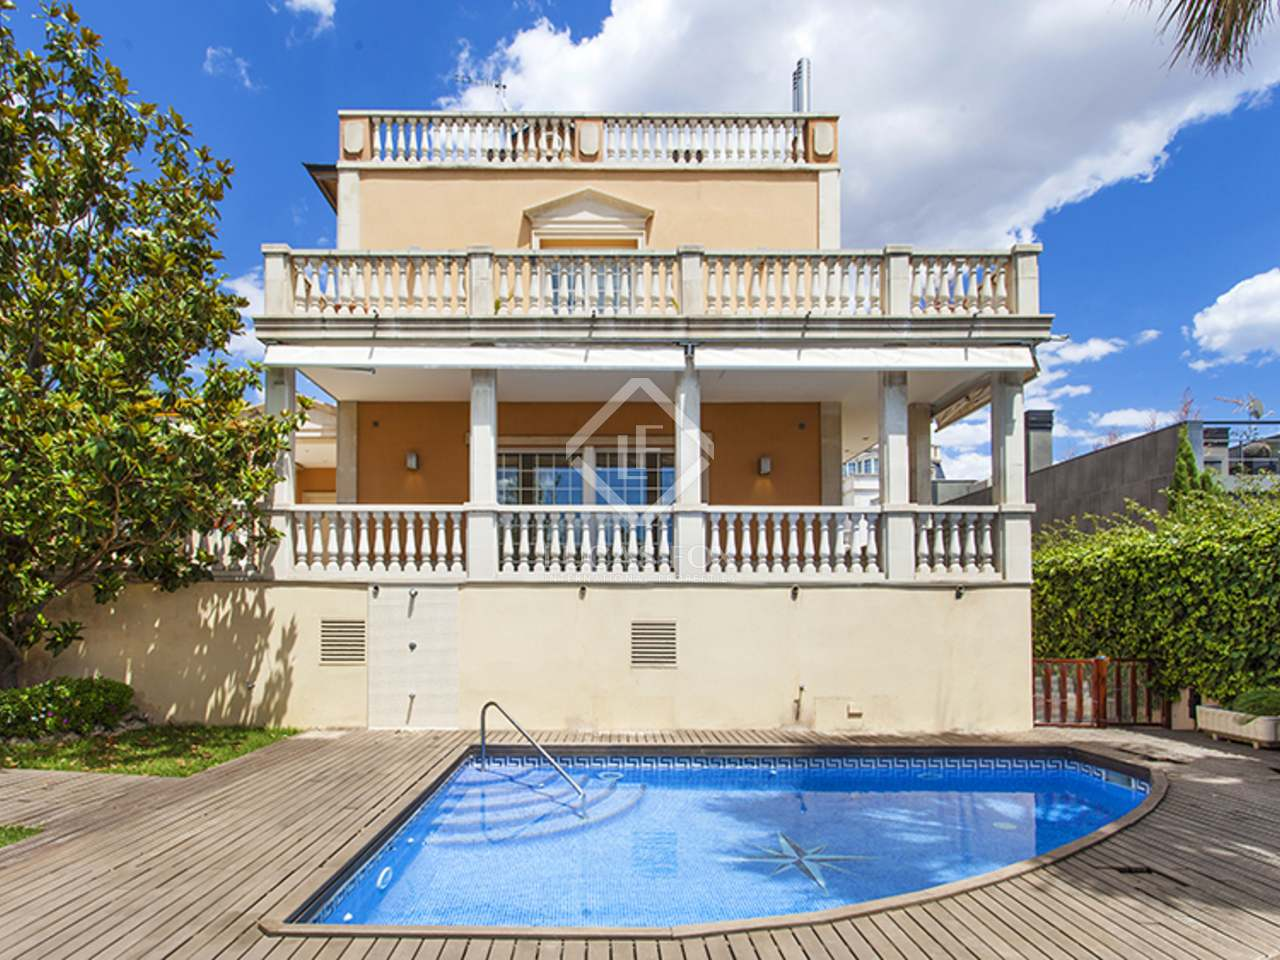 Casa con jard n y piscina en venta en zona alta barcelona - Casa con jardin barcelona ...